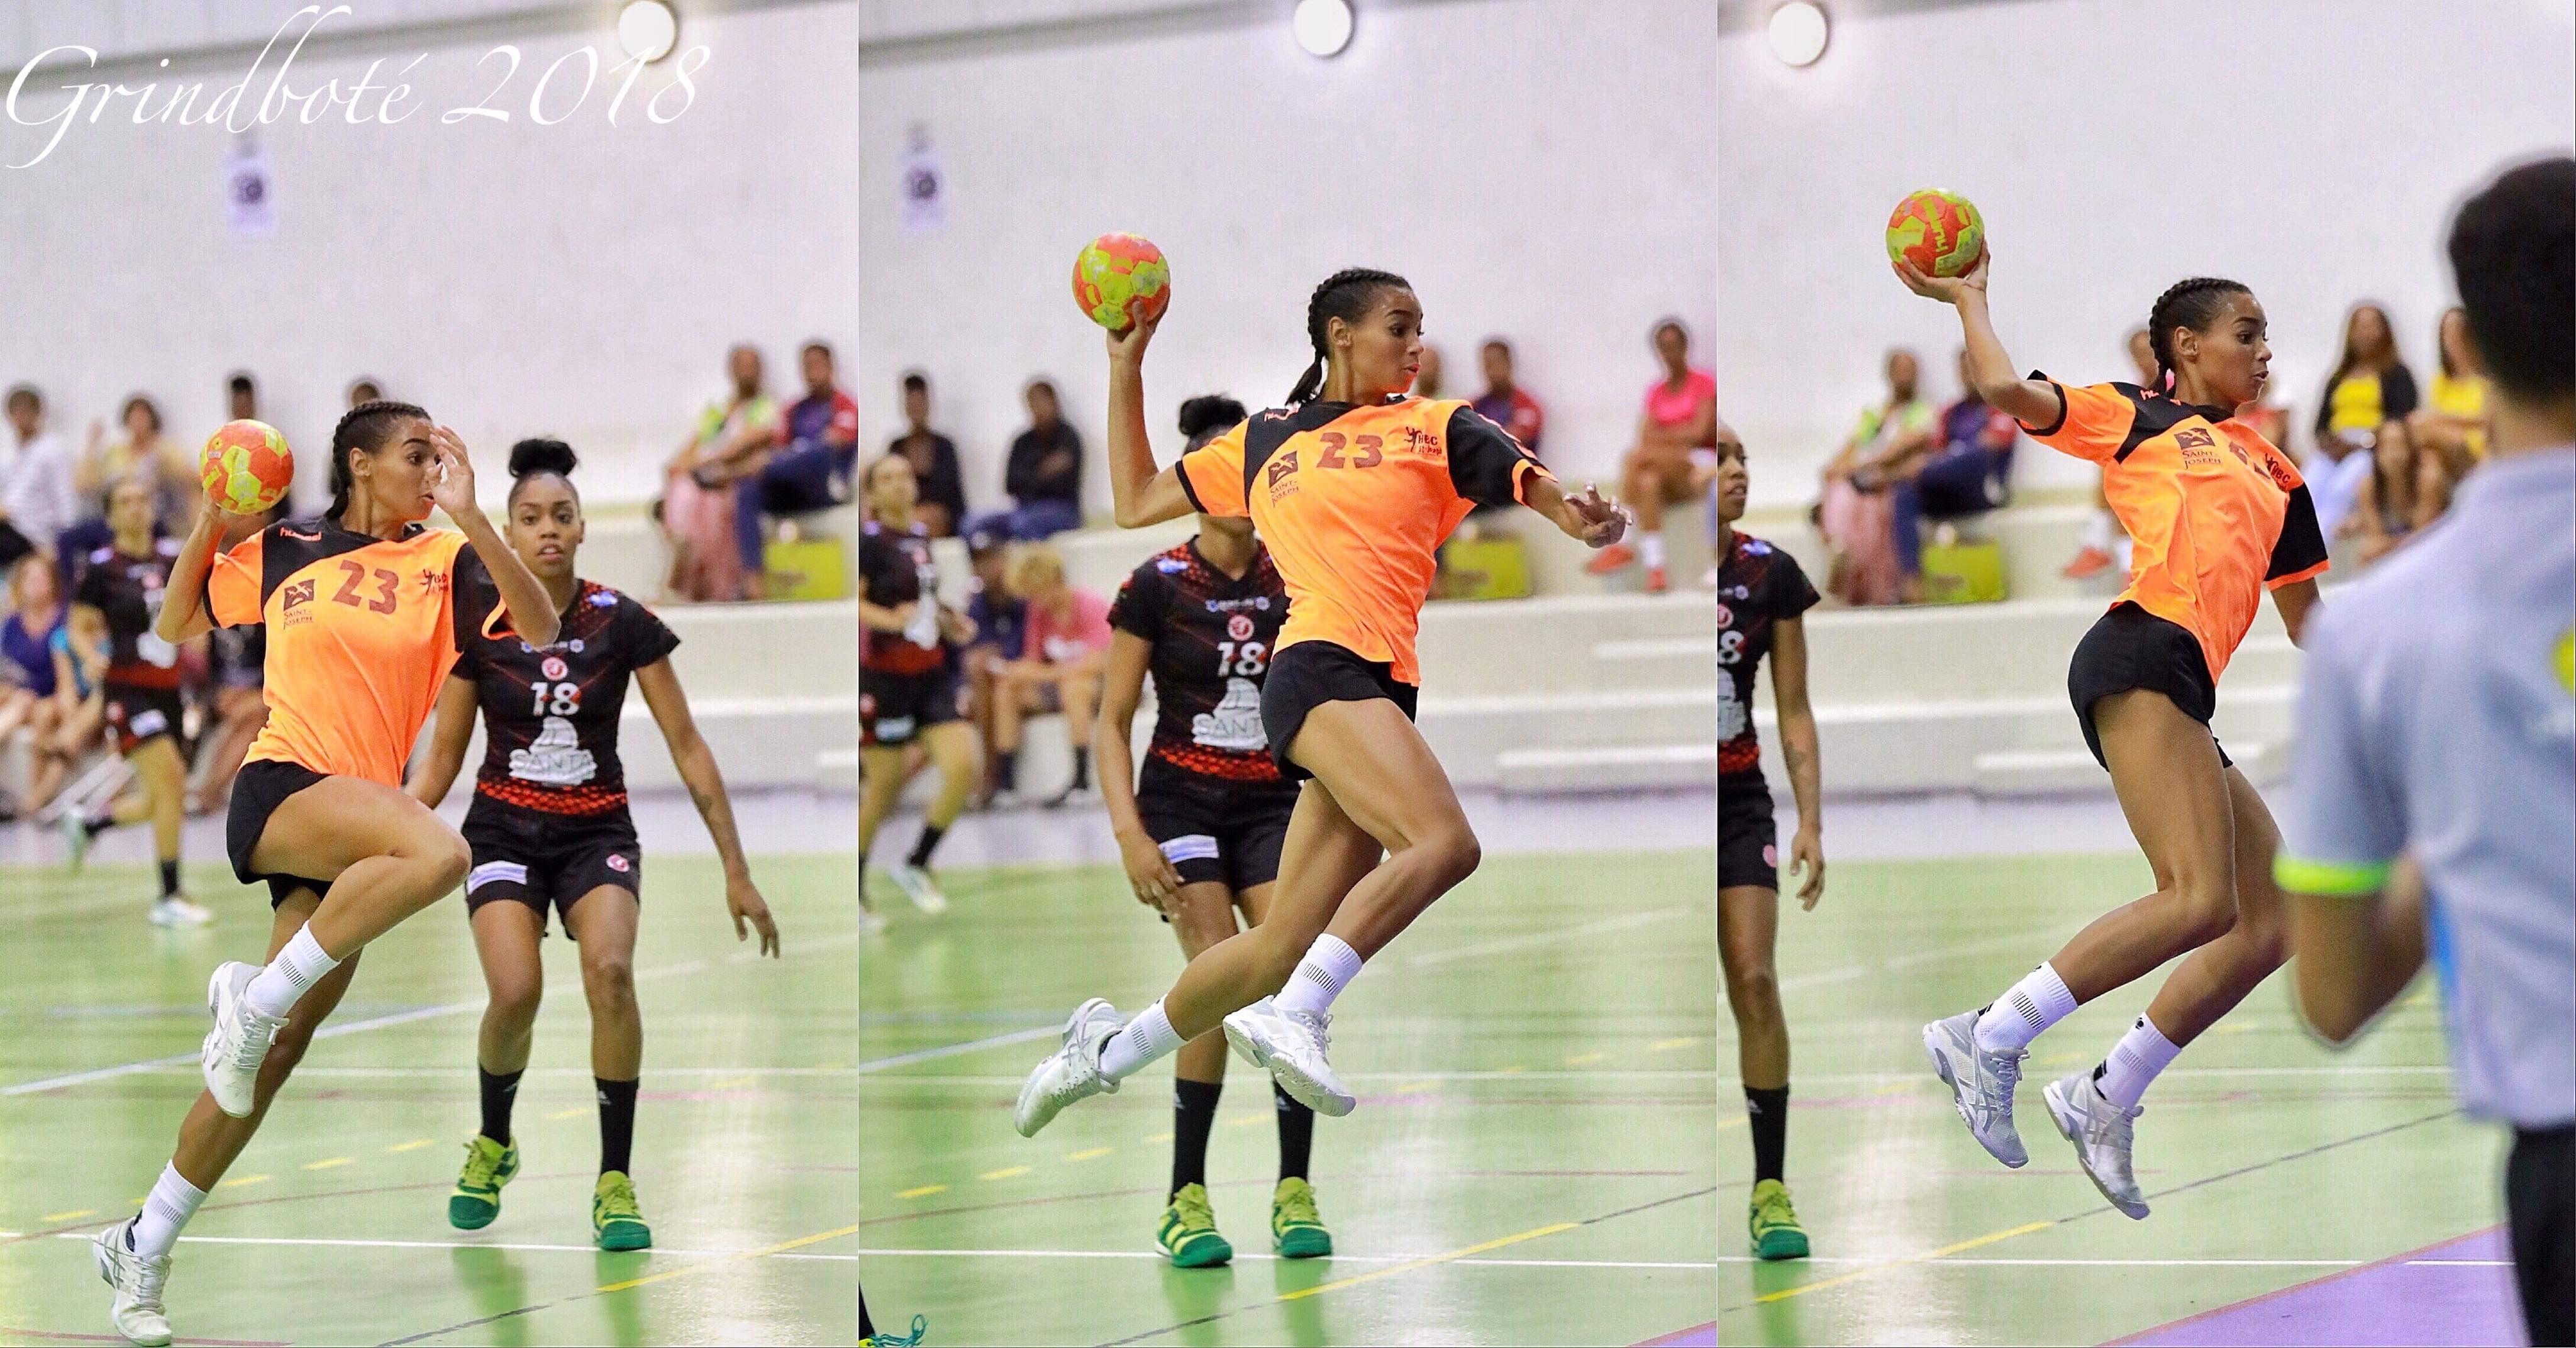 Noémie de Chantilly est une handballeuse talentueuse du club de Saint-Joseph